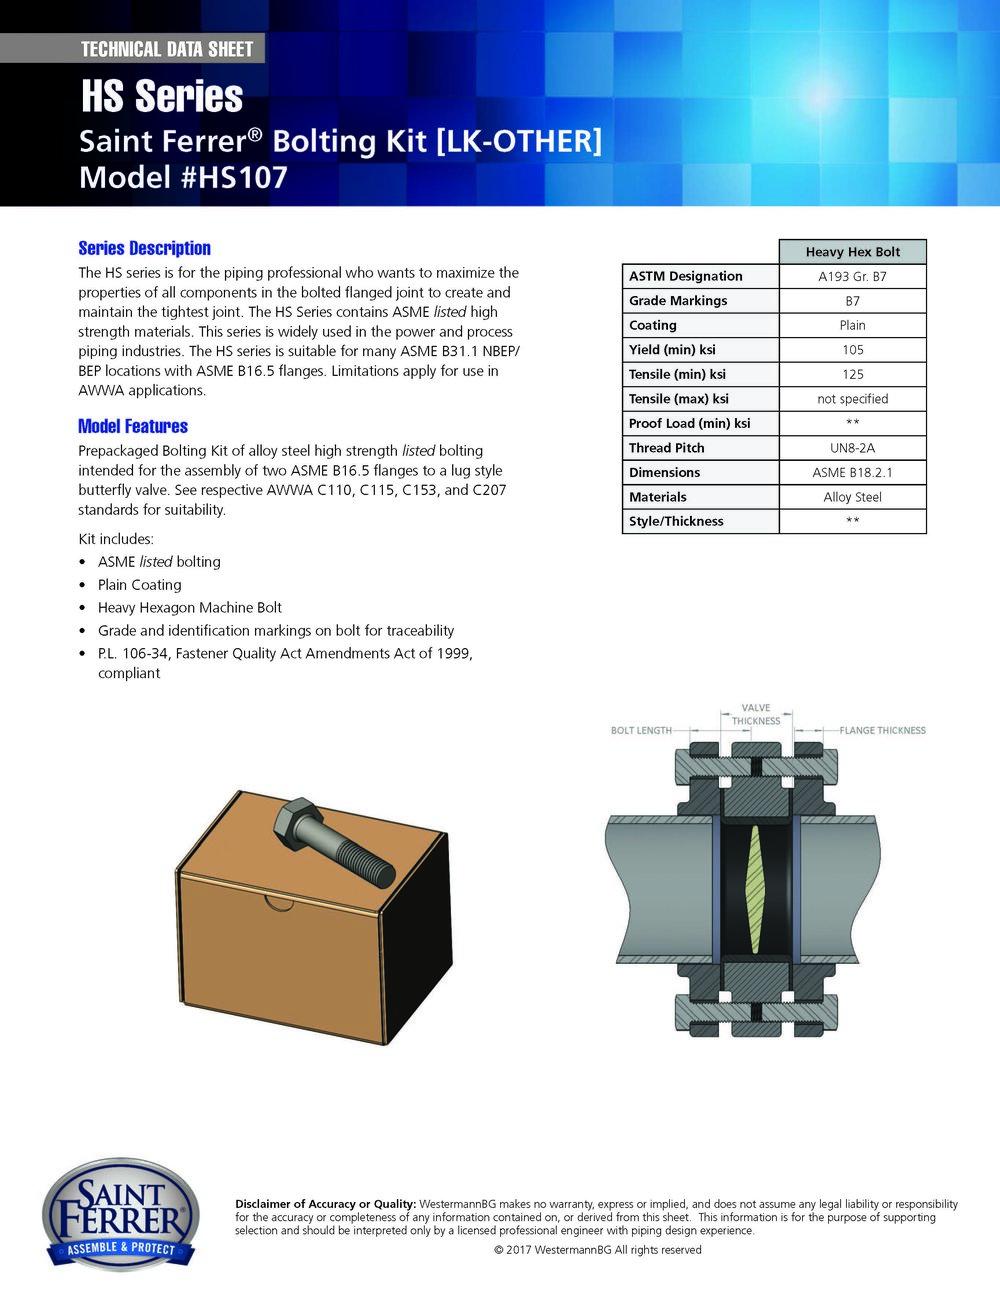 SF_Data_Sheet_HS_Series_HS107.jpg